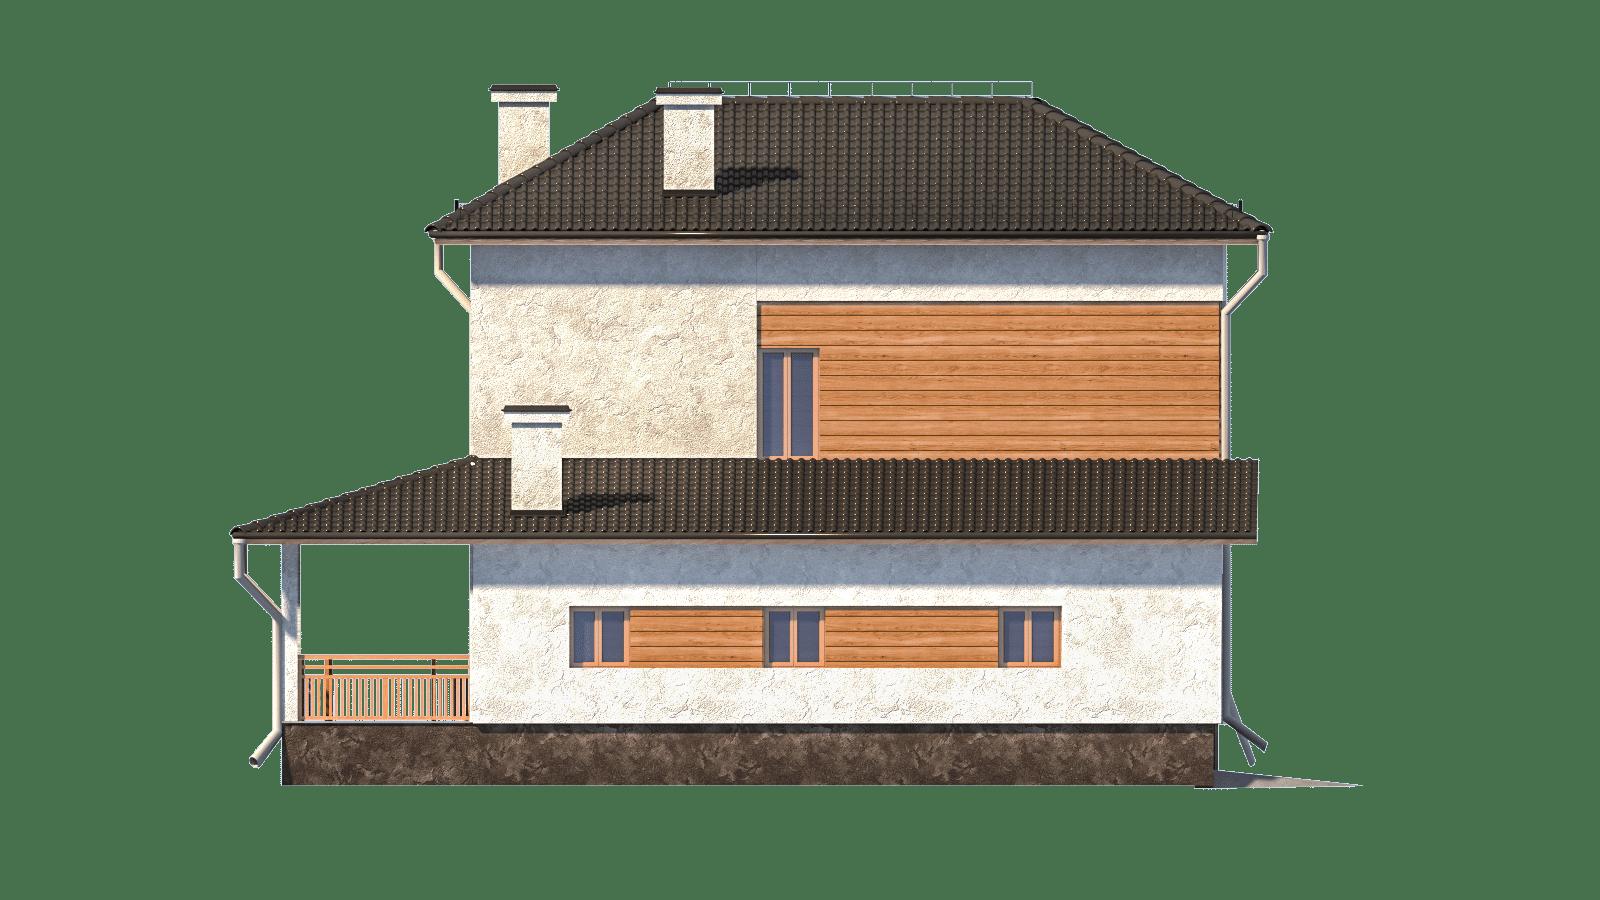 Фасад двухэтажного дома с гаражом и террасой «КД-3» - справа